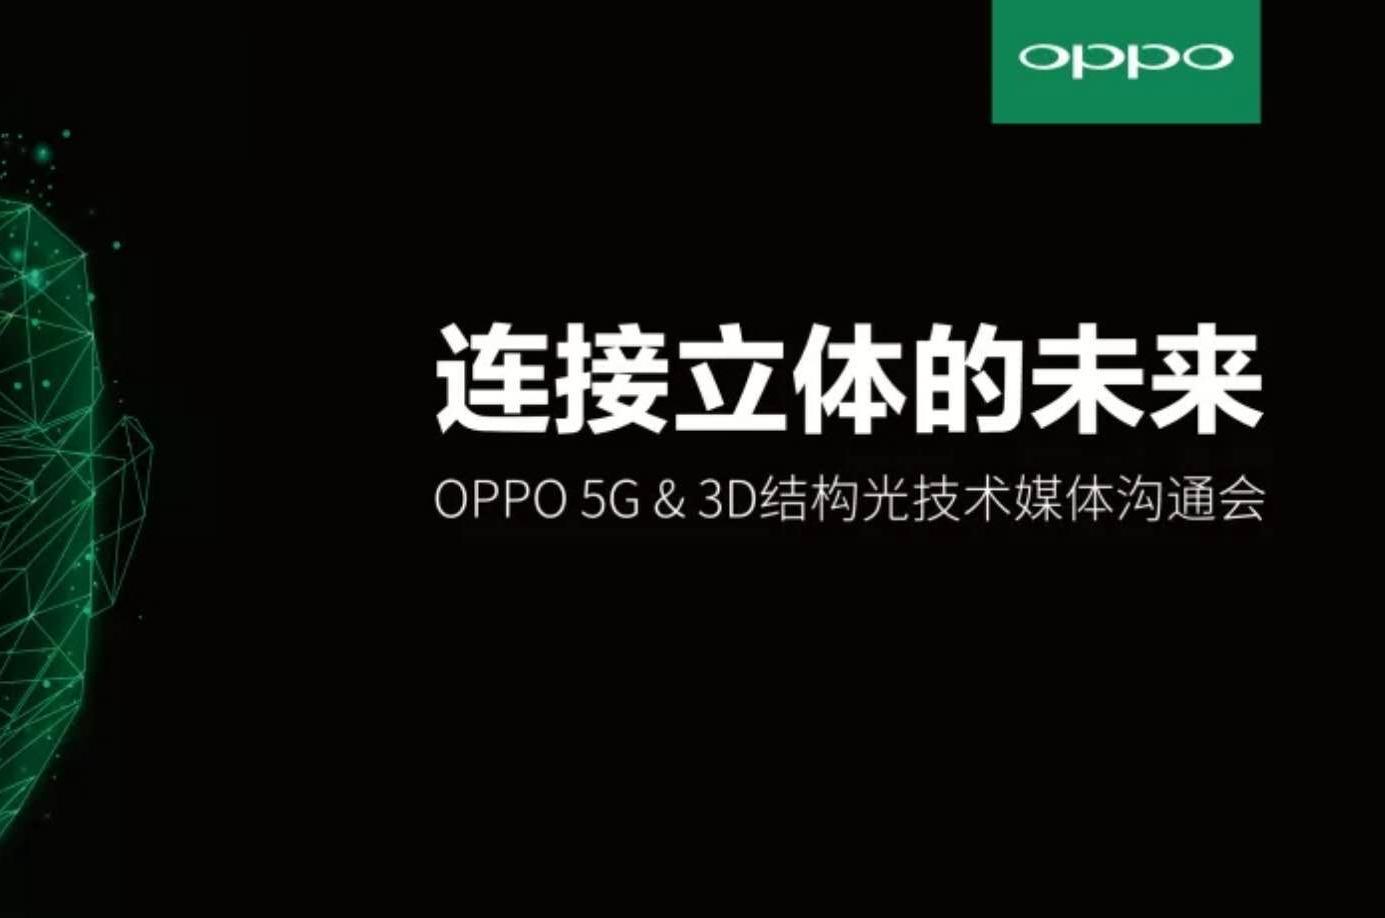 oppo find x海报致敬伽利略,新品或搭载3d结构光技术